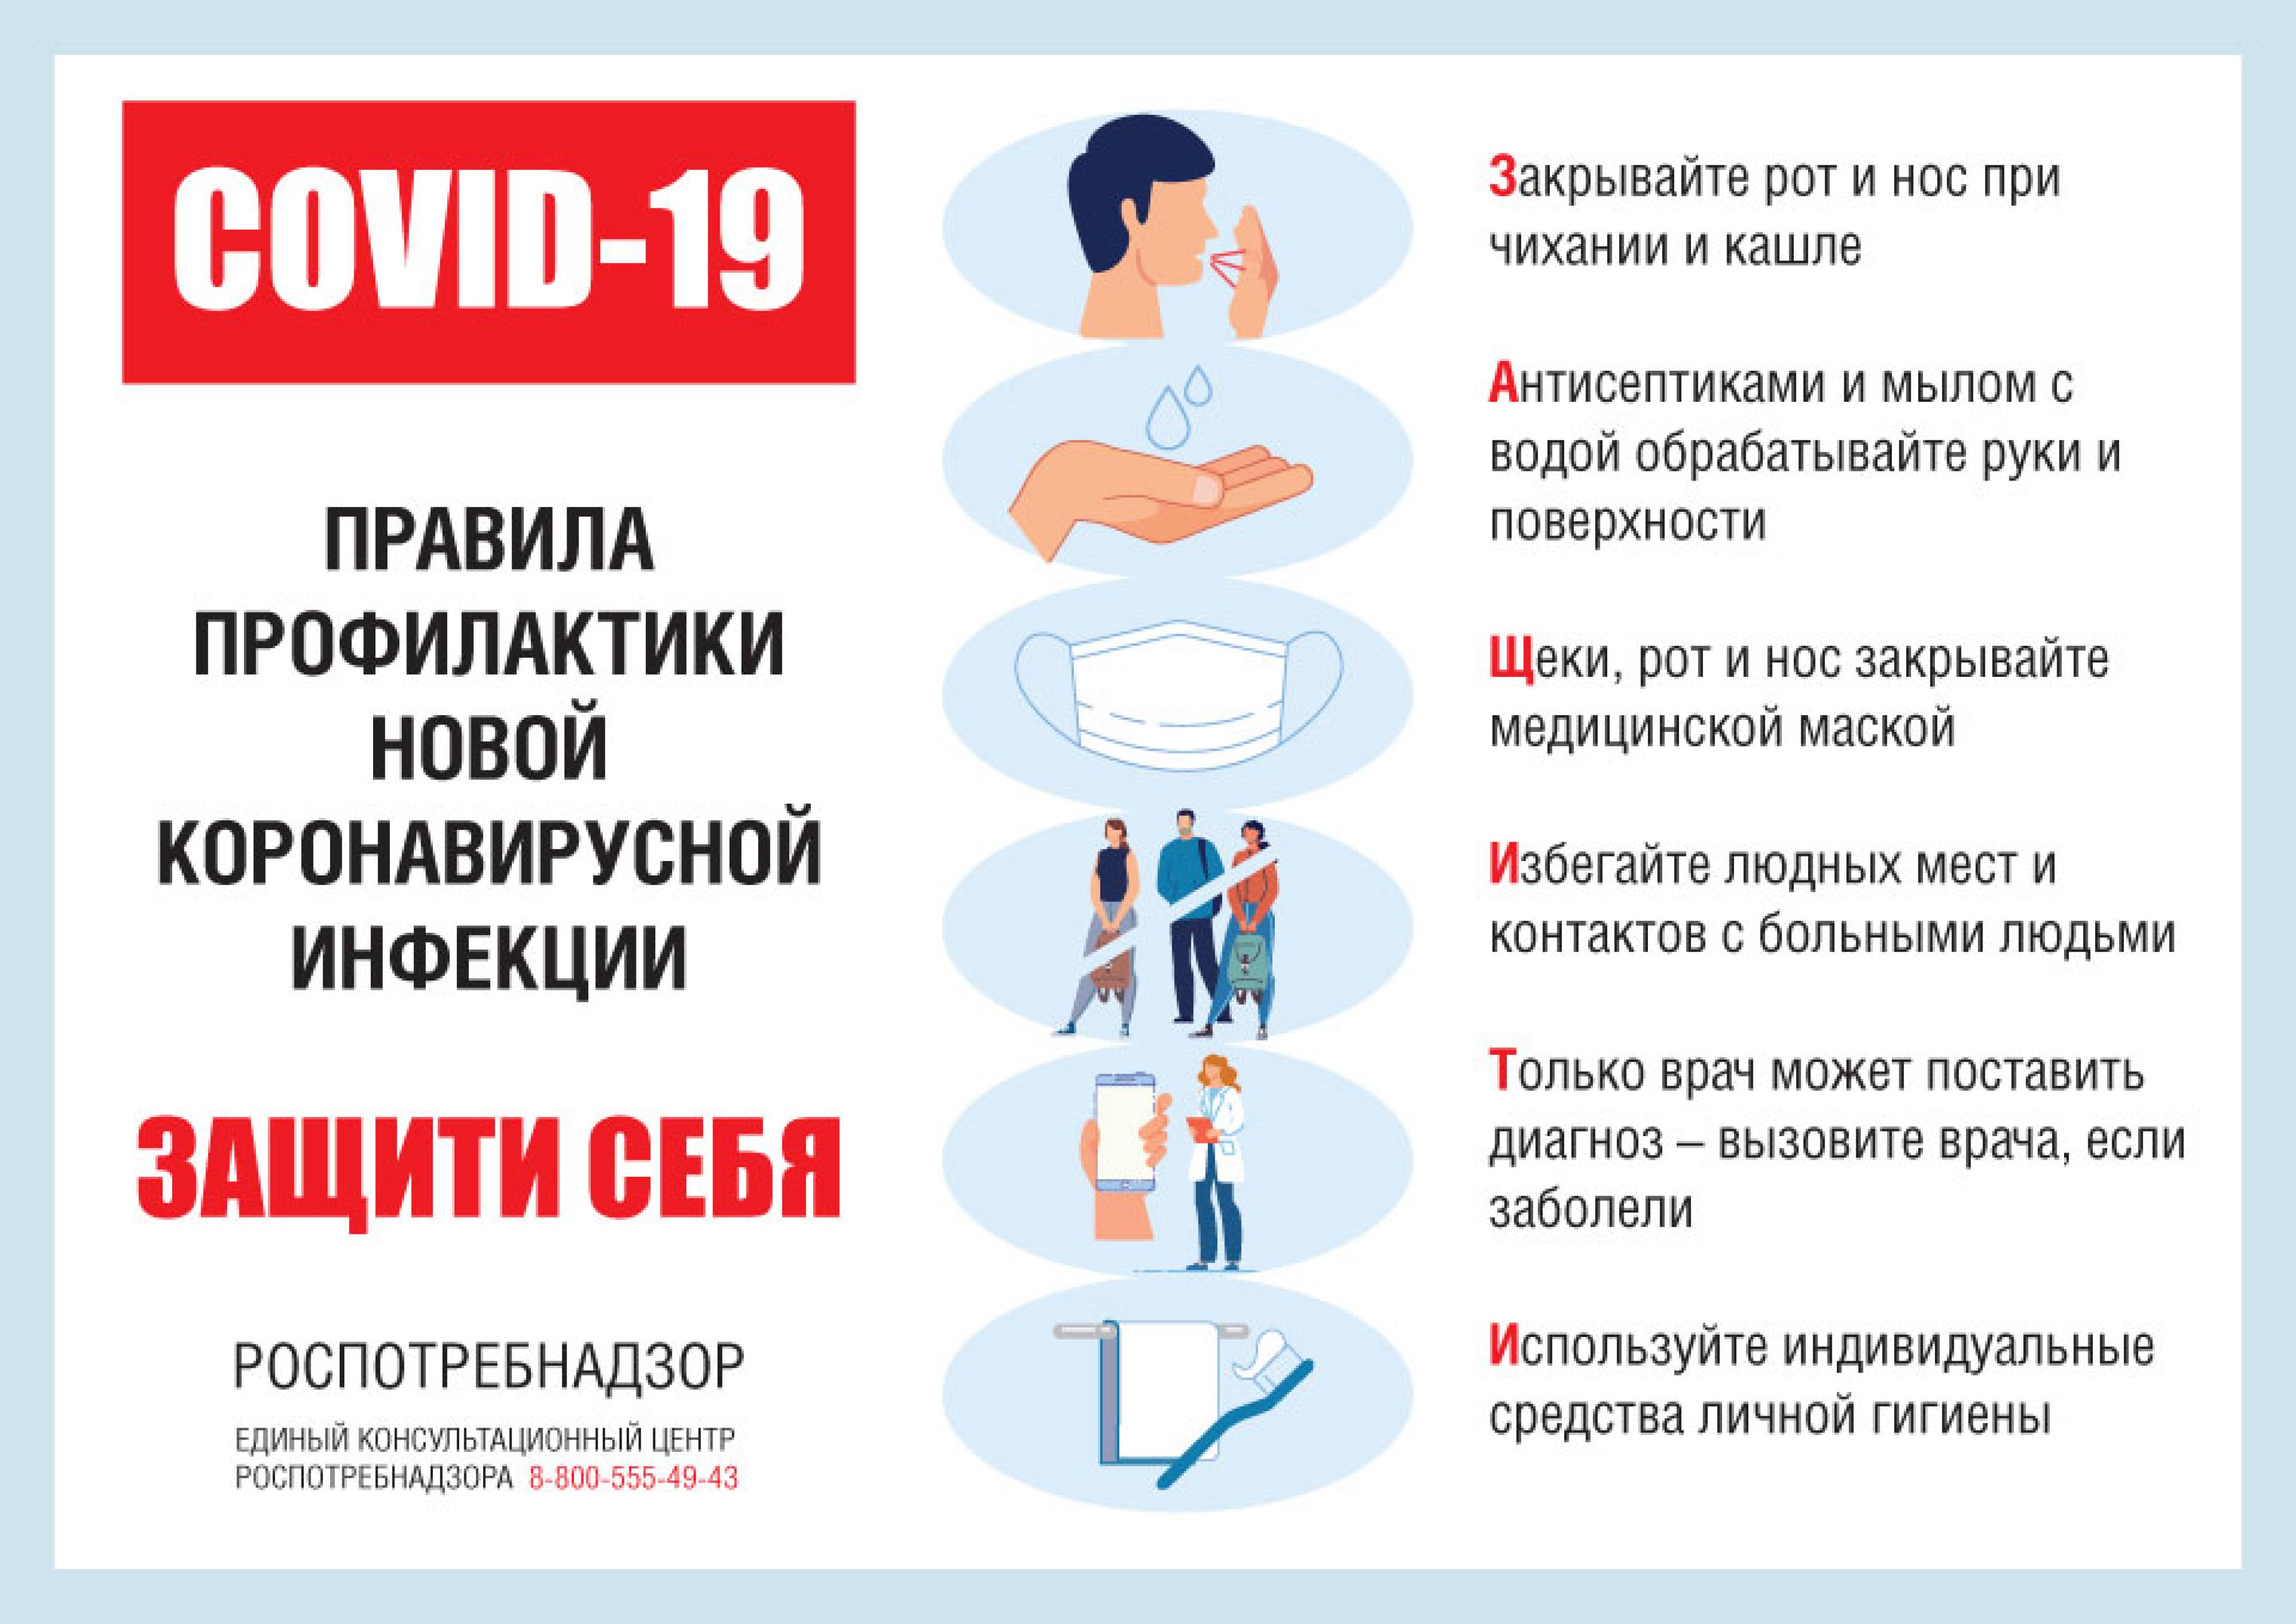 Памятка: Профилактика гриппа и коронавирусной инфекции 4